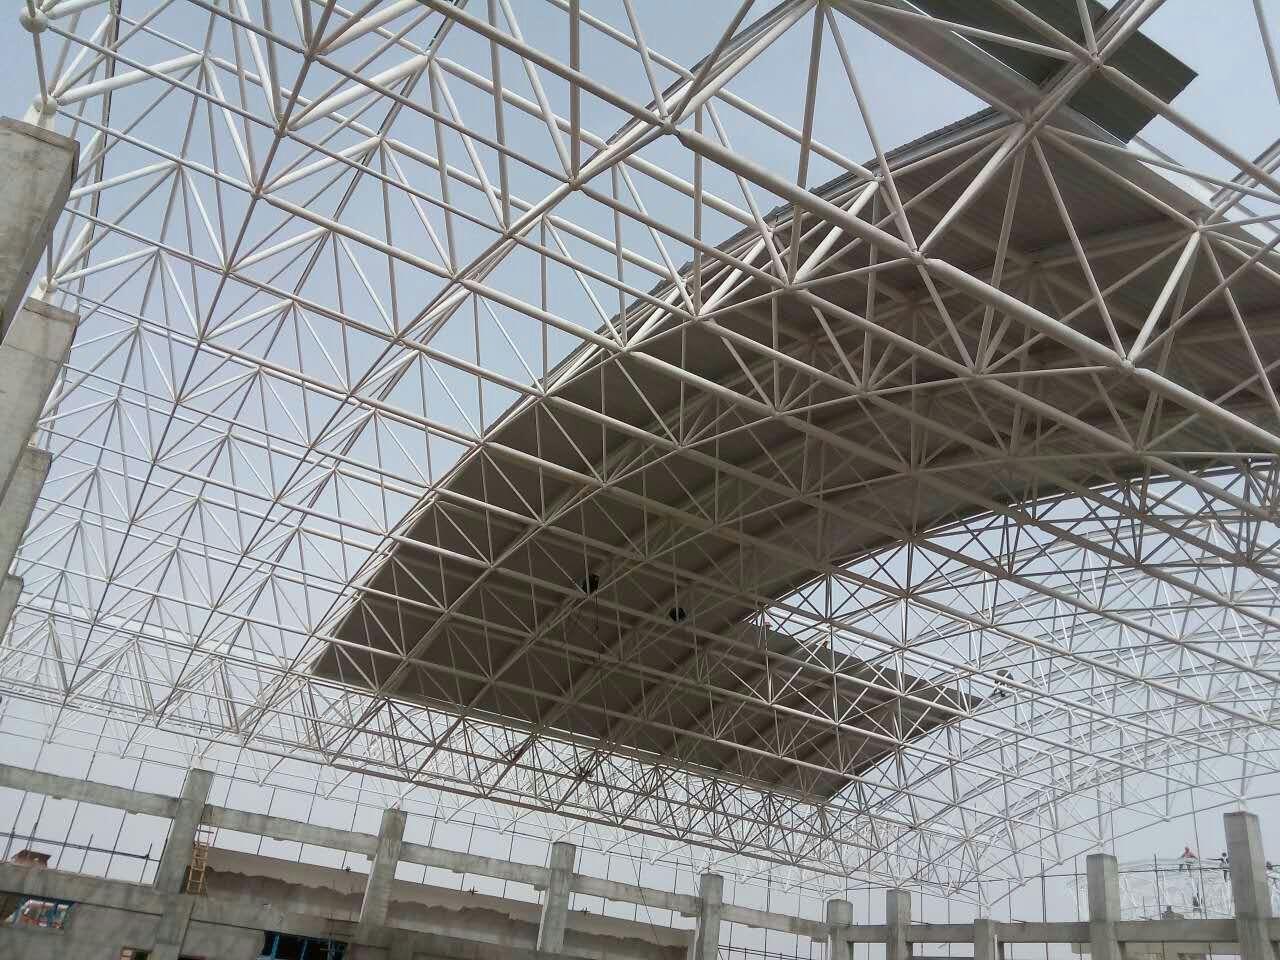 网架公司,网架制作,网架安装,网架工程,钢结构网架制作,网架施工,收费